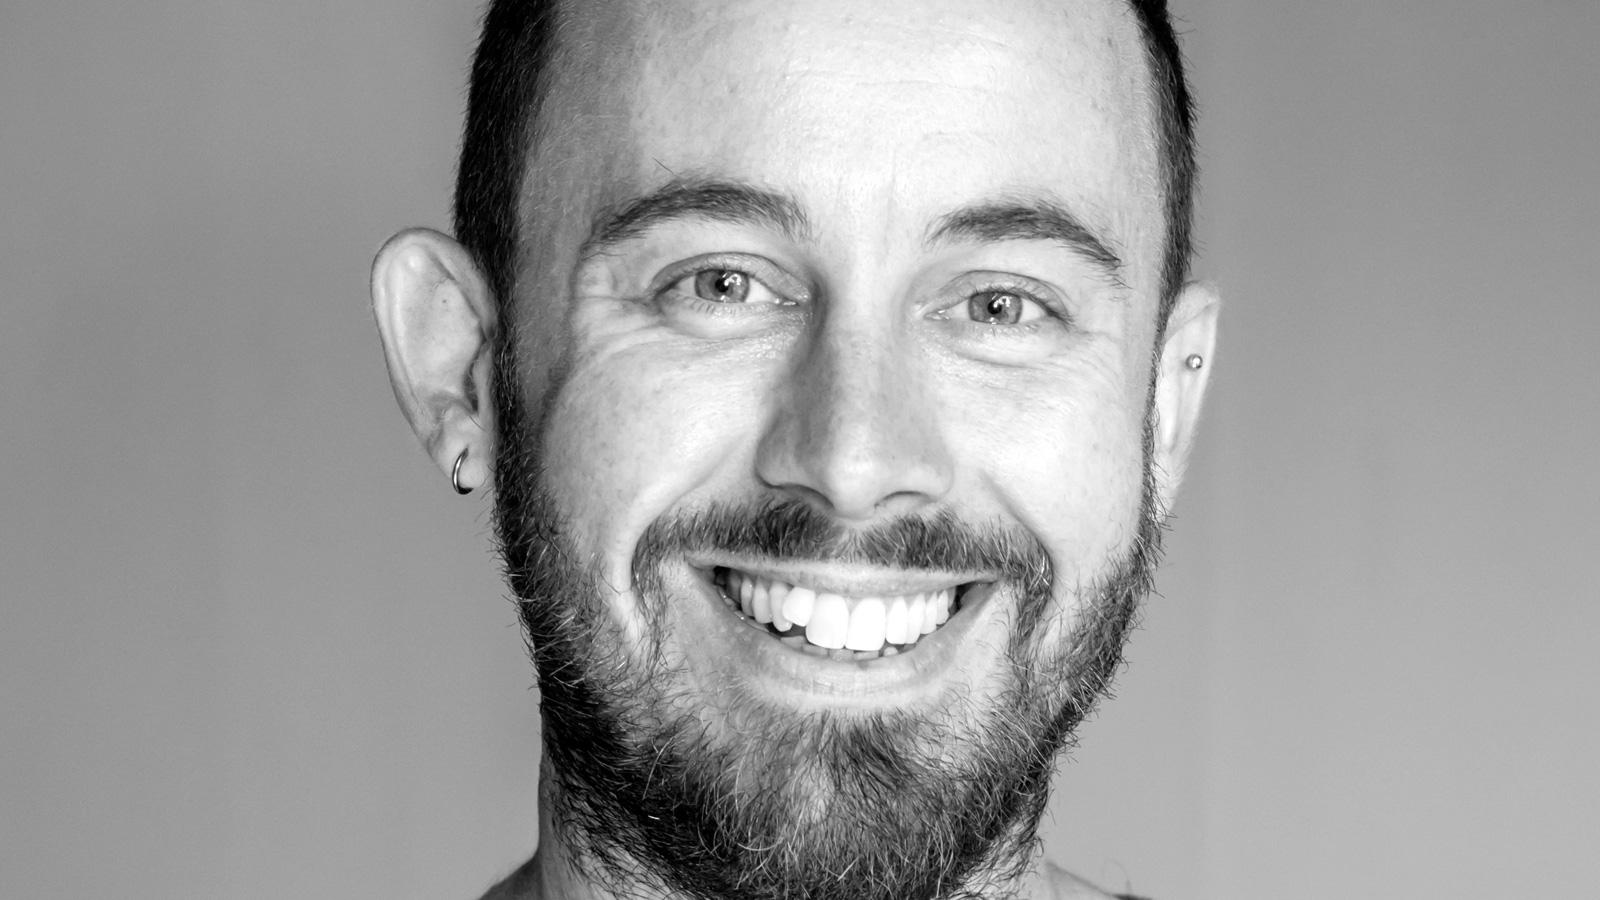 Matt Mulcahy